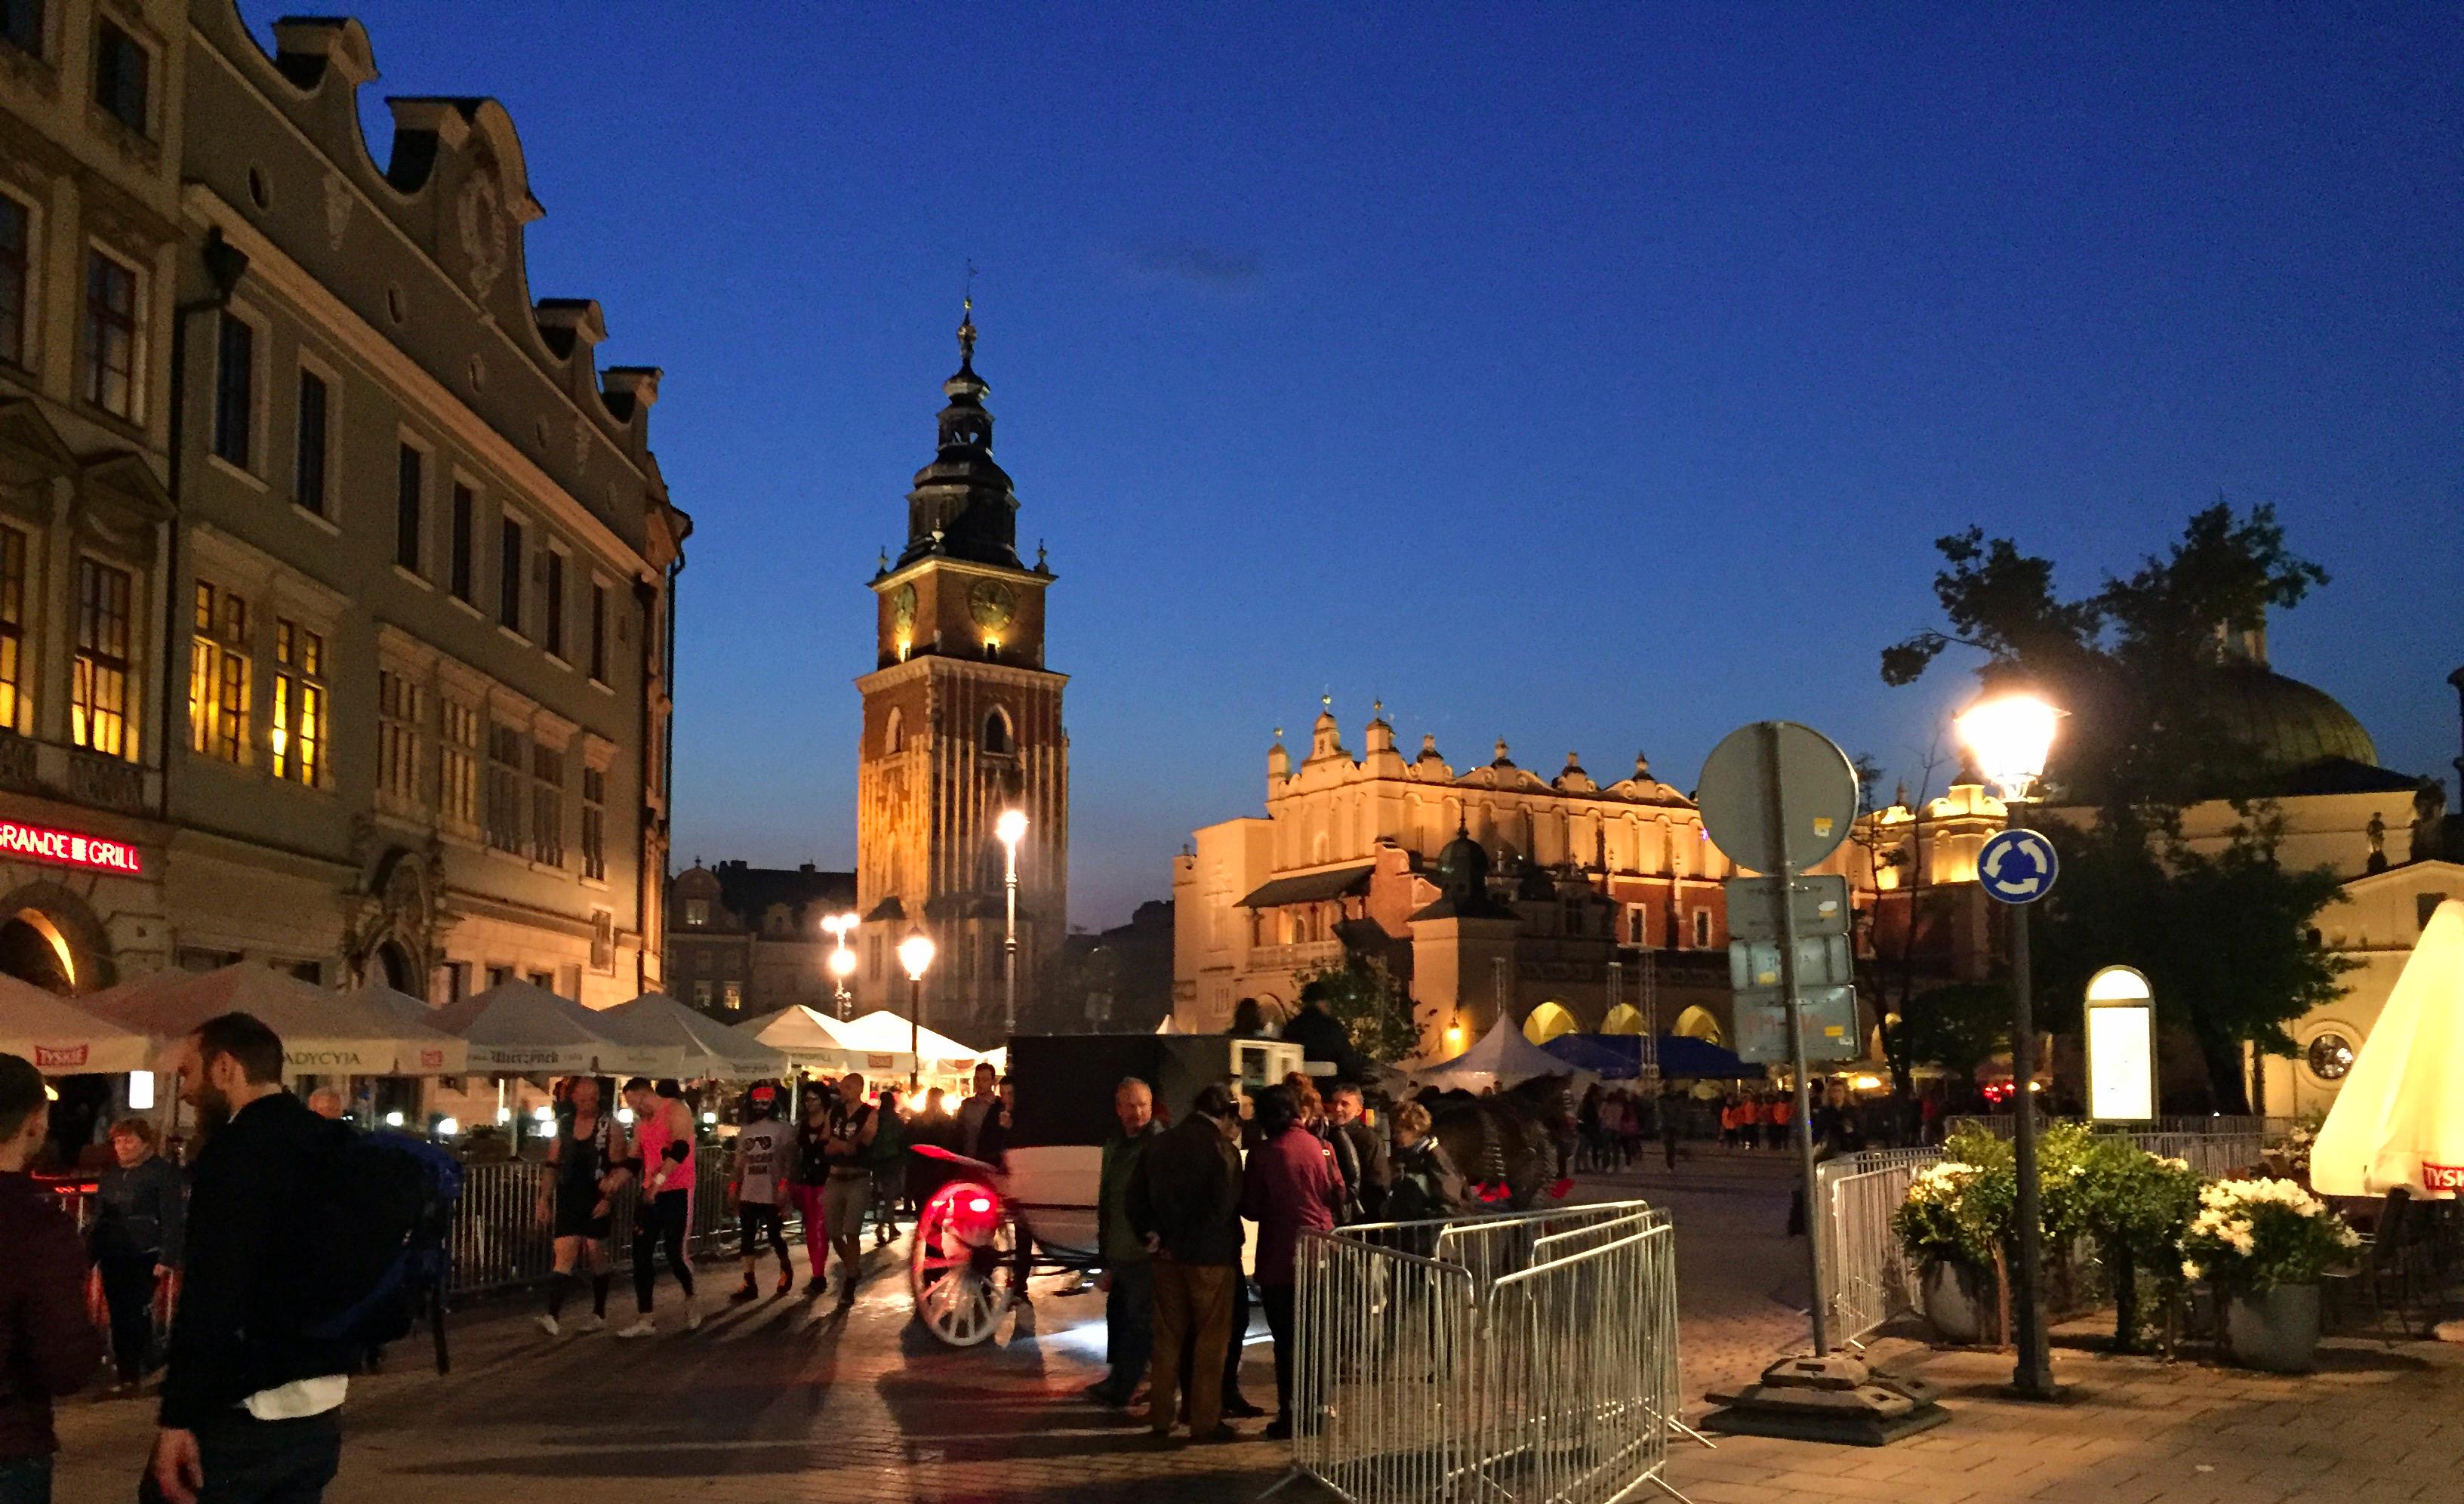 Qué ver en Cracovia, Krakow, Polonia, Poland qué ver en cracovia - 25591720777 4020ed5305 o - Qué ver en Cracovia, Polonia